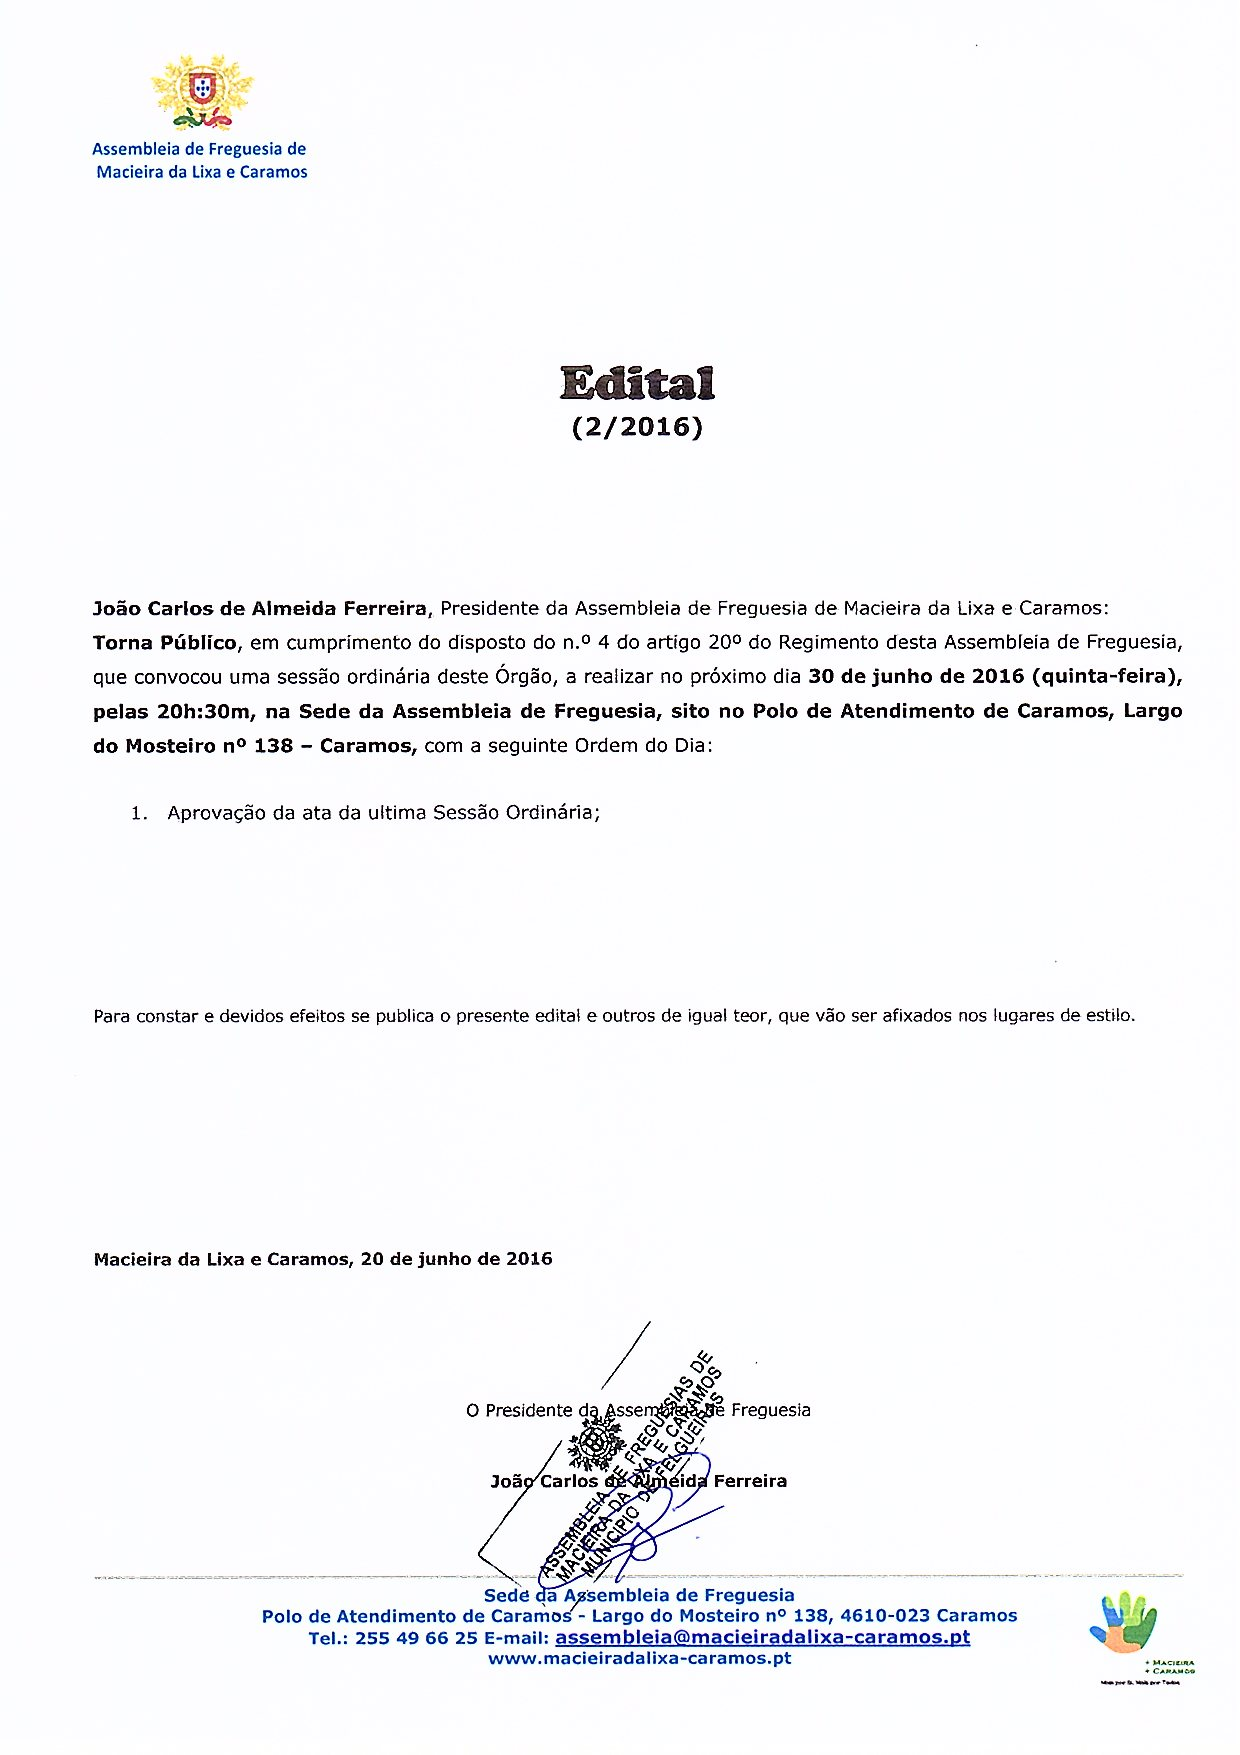 Edital nº 02_2016 - Sessão Ordinária da Assembleia de Freguesia de Macieira da Lixa e Caramos